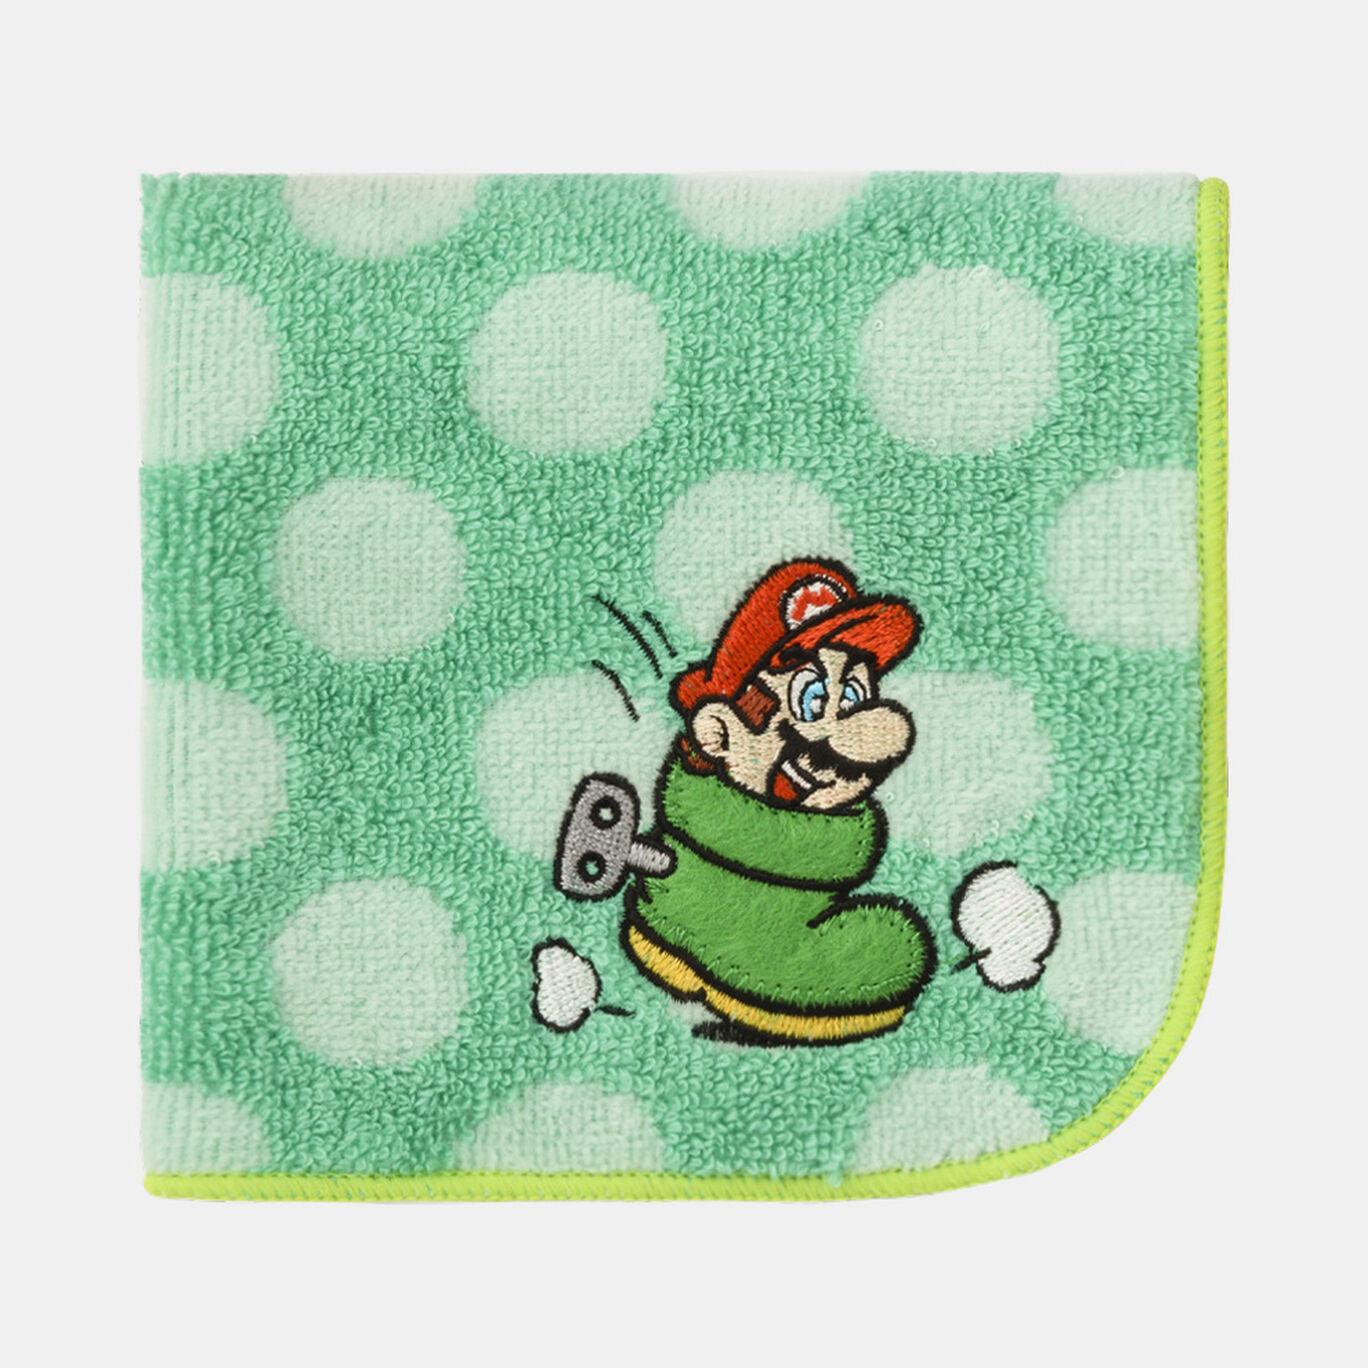 ミニタオル スーパーマリオ パワーアップ B【Nintendo TOKYO取り扱い商品】